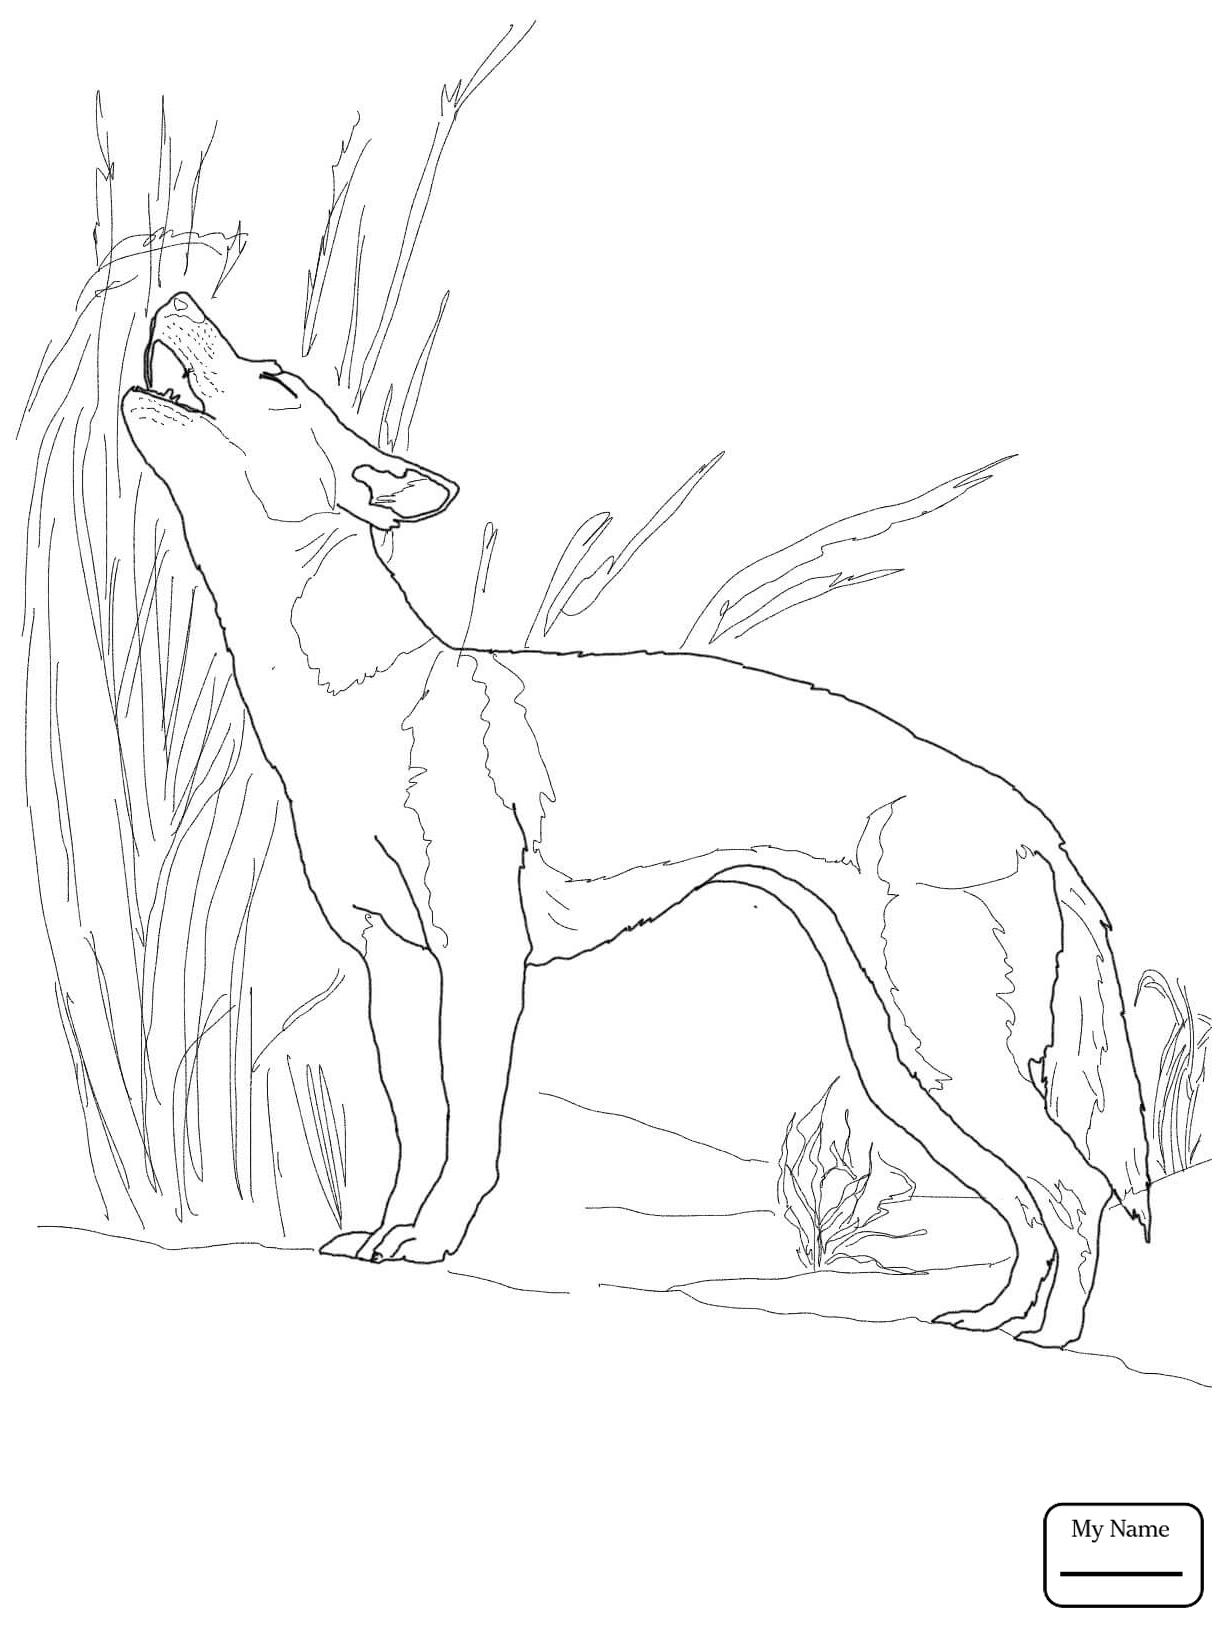 Hunting Dog Drawing At Getdrawings